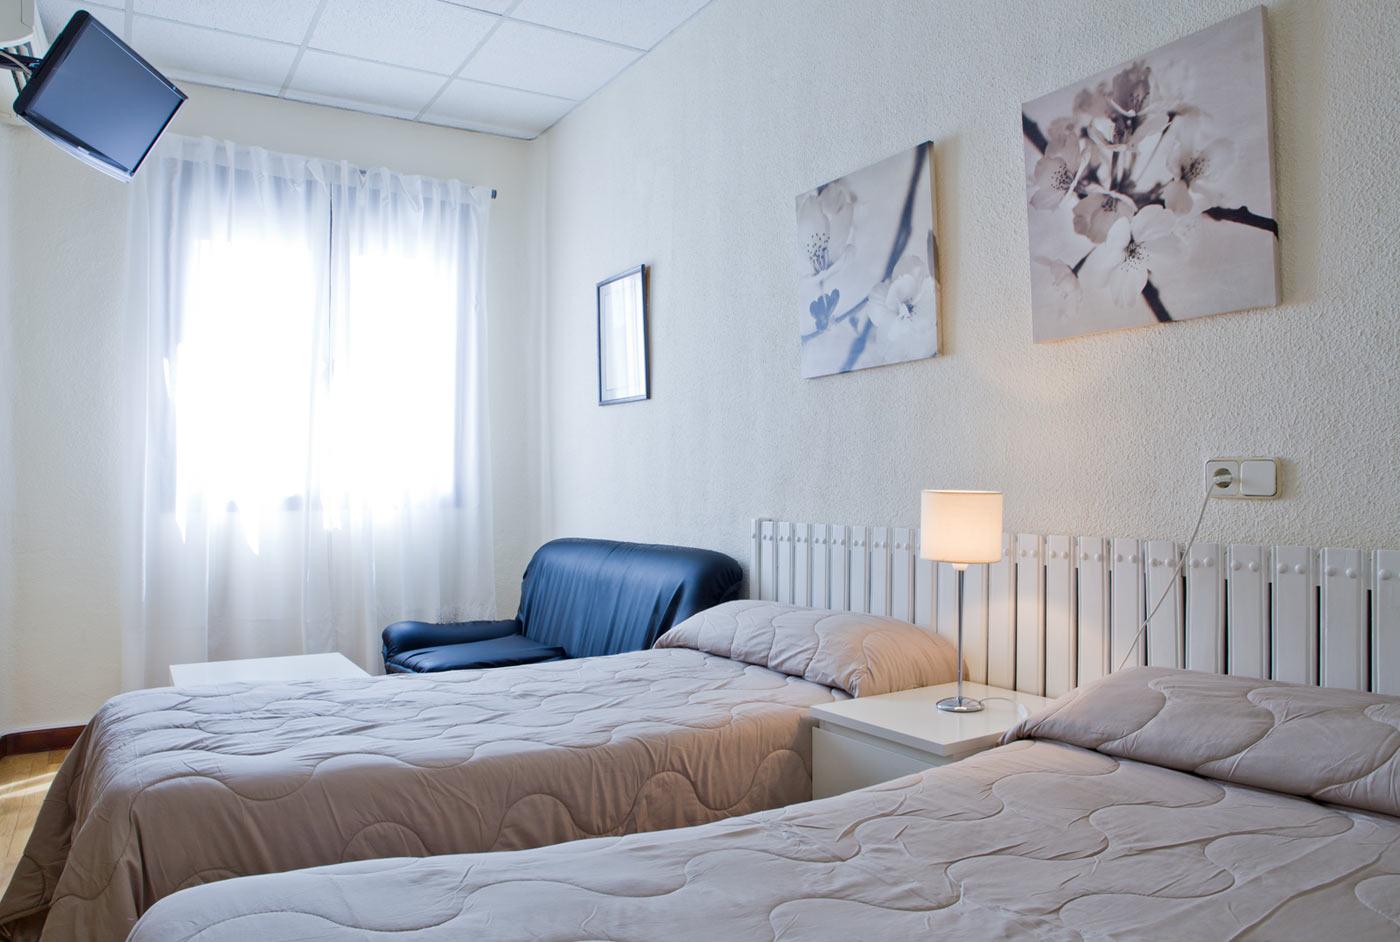 habitaciones_galeria_triple02